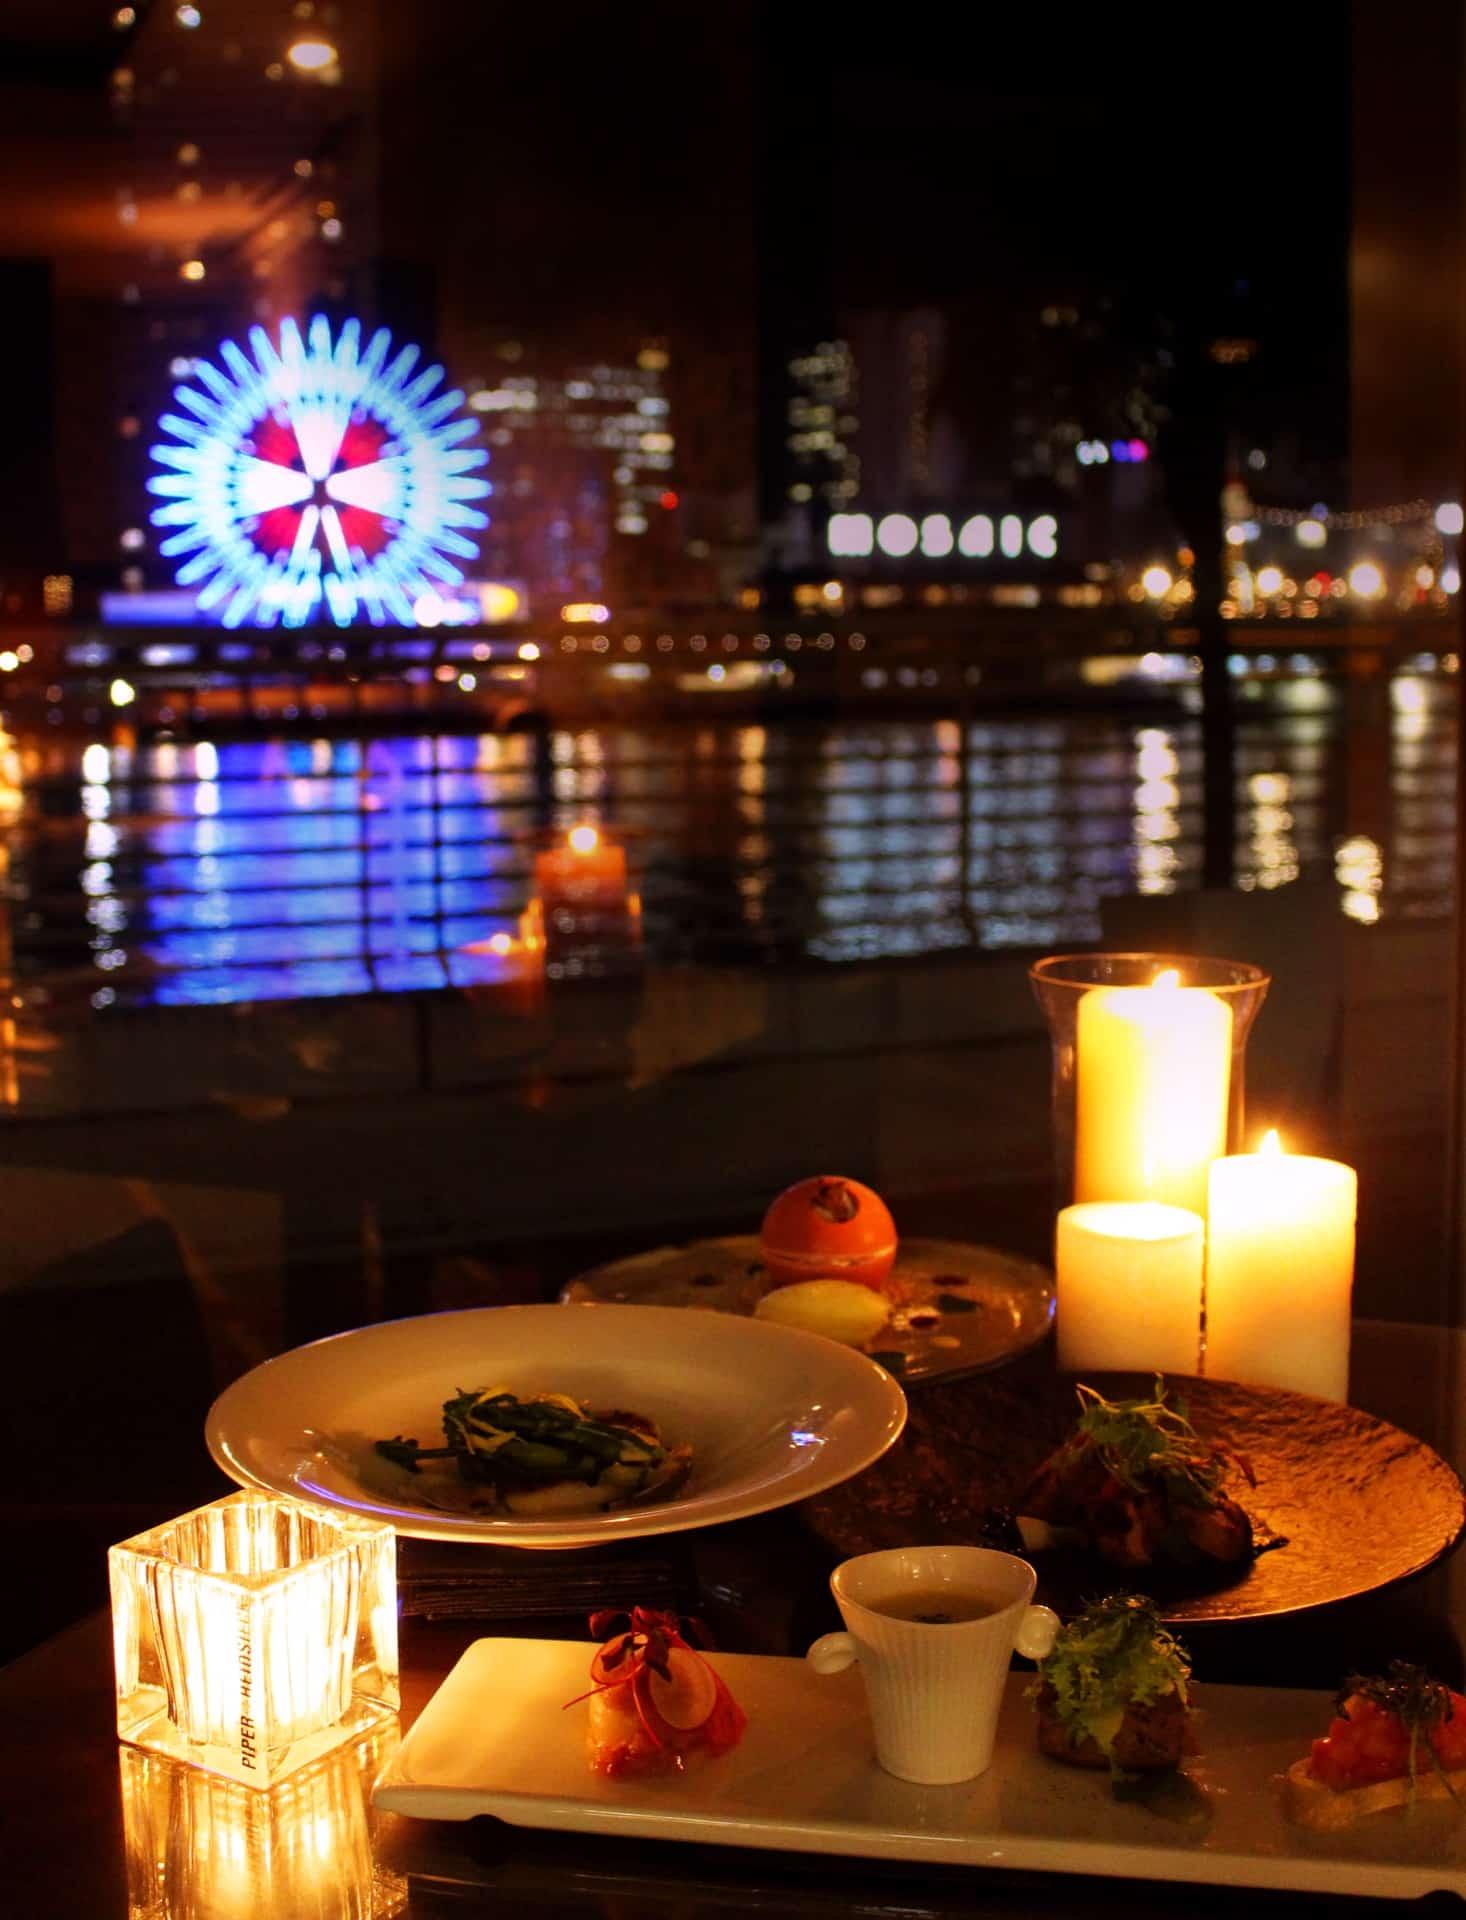 1日2組限定!「神戸メリケンパークオリエンタルホテル」で神戸の夜景を見ながらディナーデート